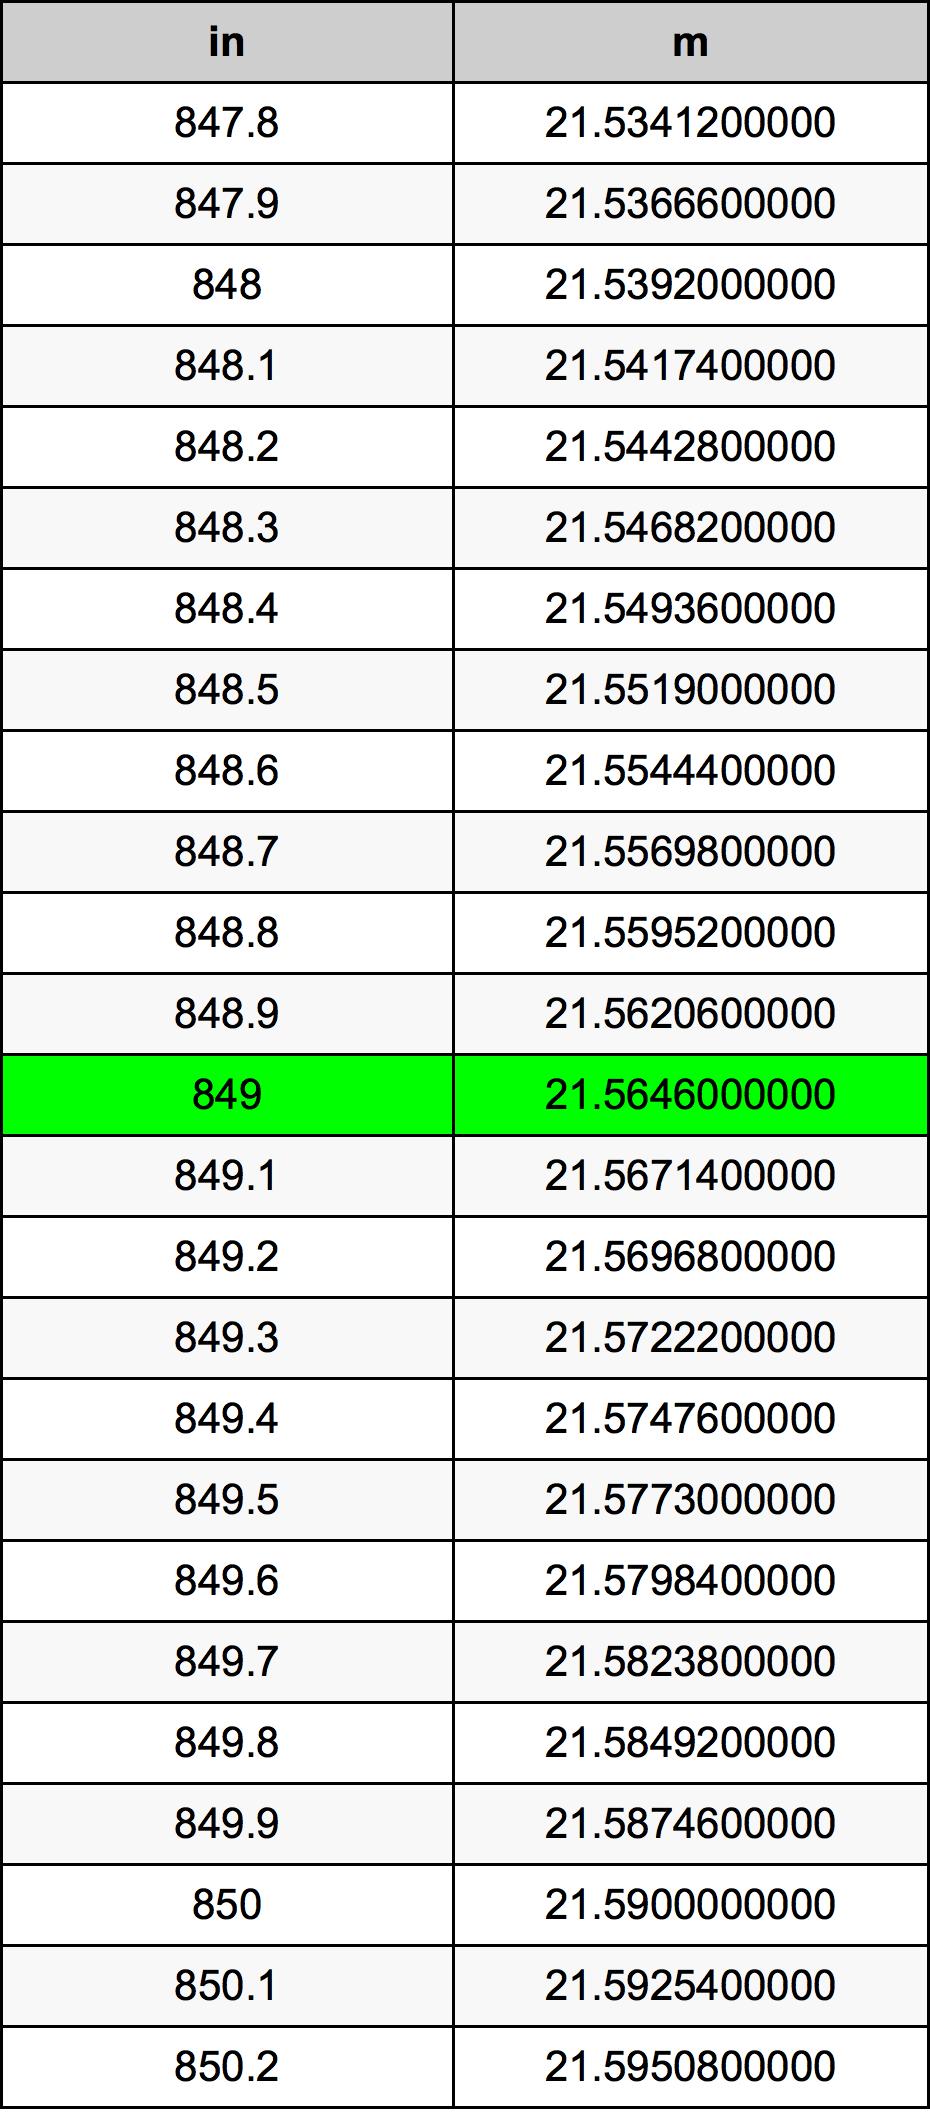 849 Țol tabelul de conversie